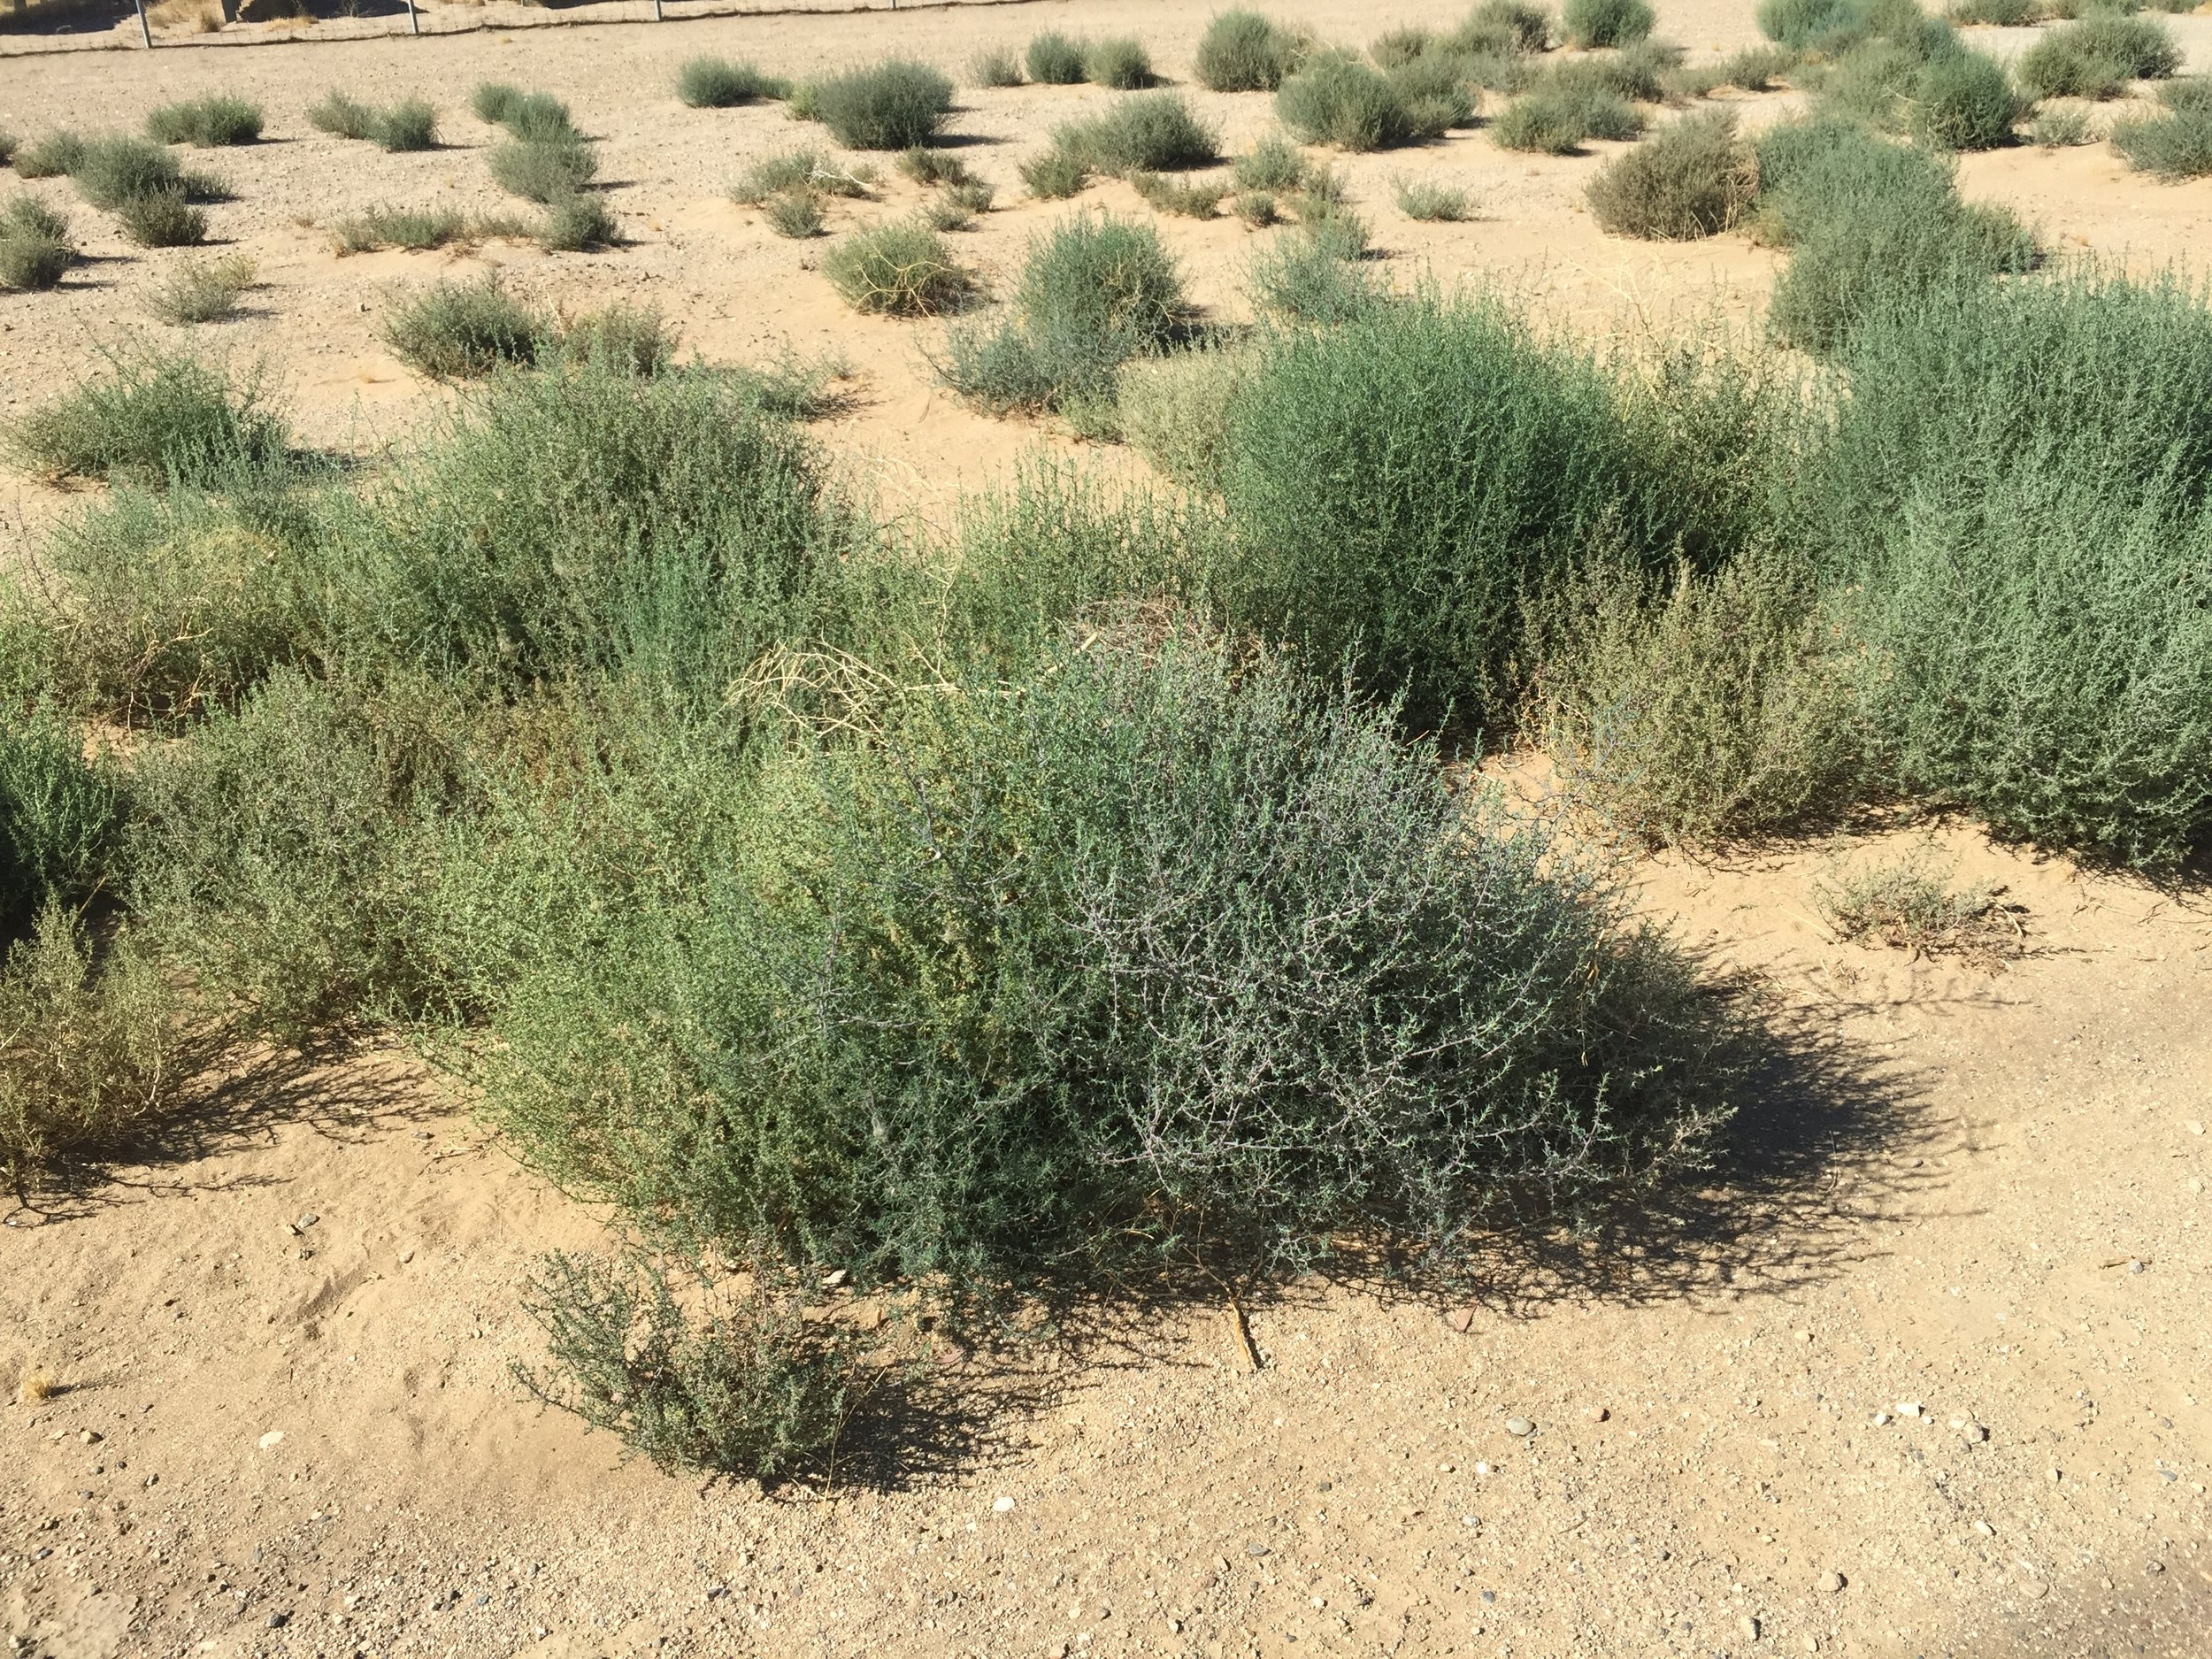 Plants growing in a open area